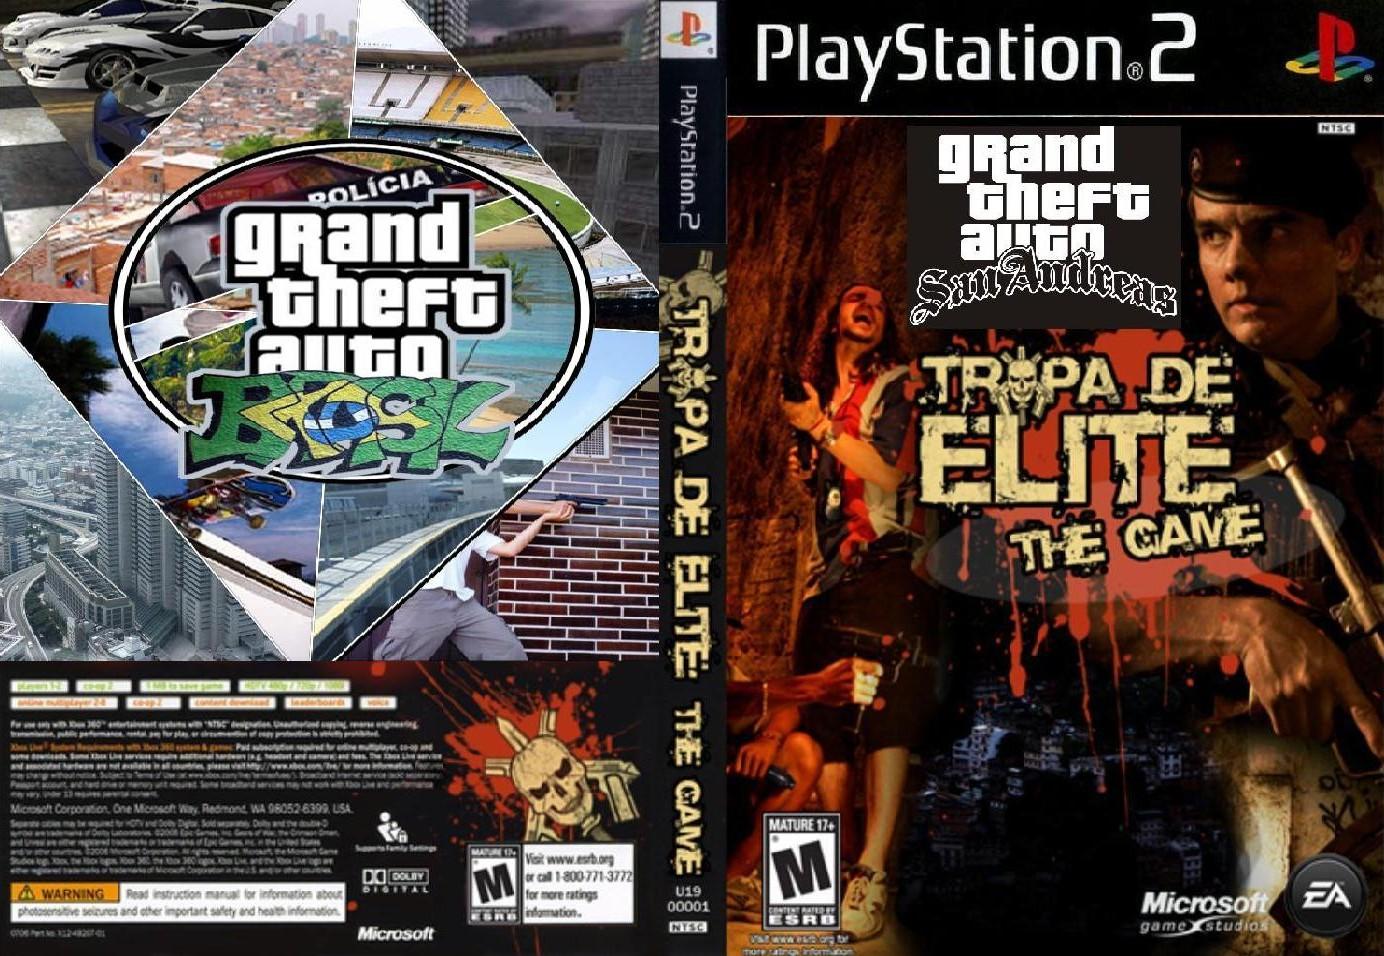 PARA ELITE TROPA BAIXAR JOGO GRATIS PC DE GTA